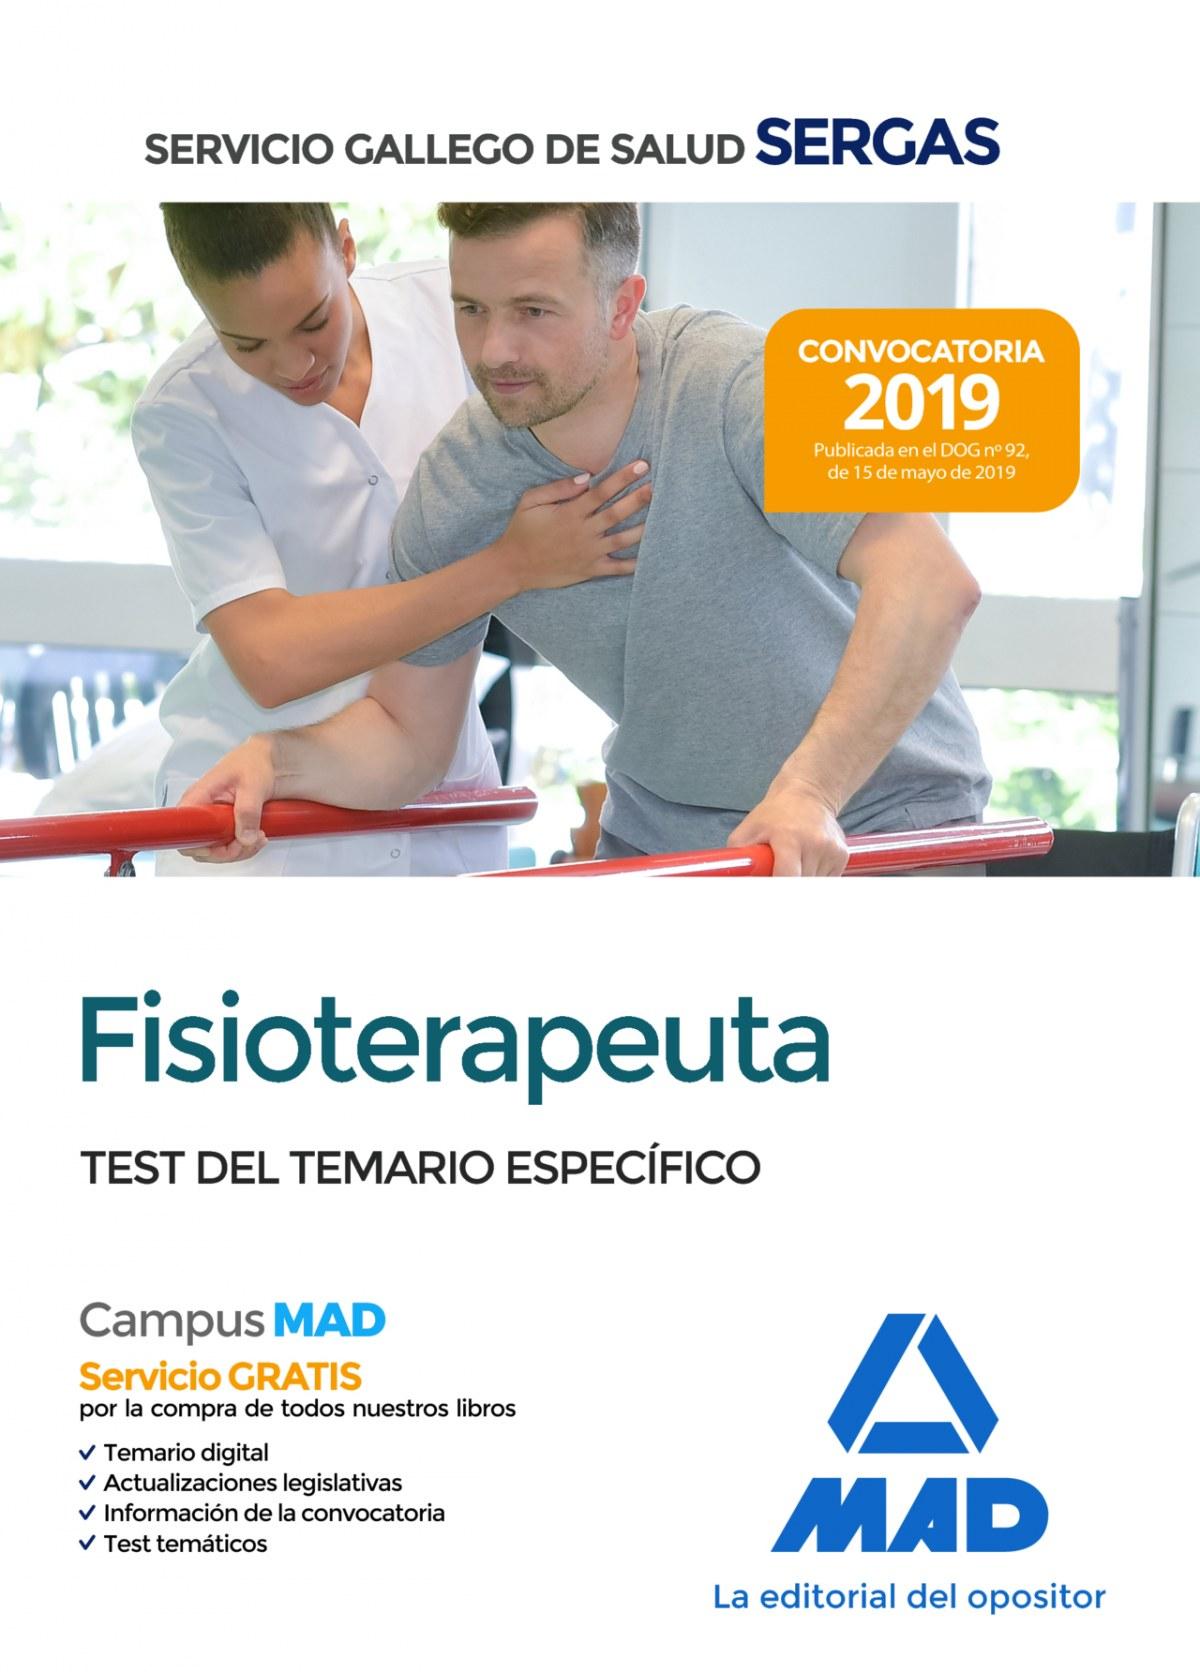 FISIOTERAPEUTA DEL SERVICIO GALLEGO DE SALUD